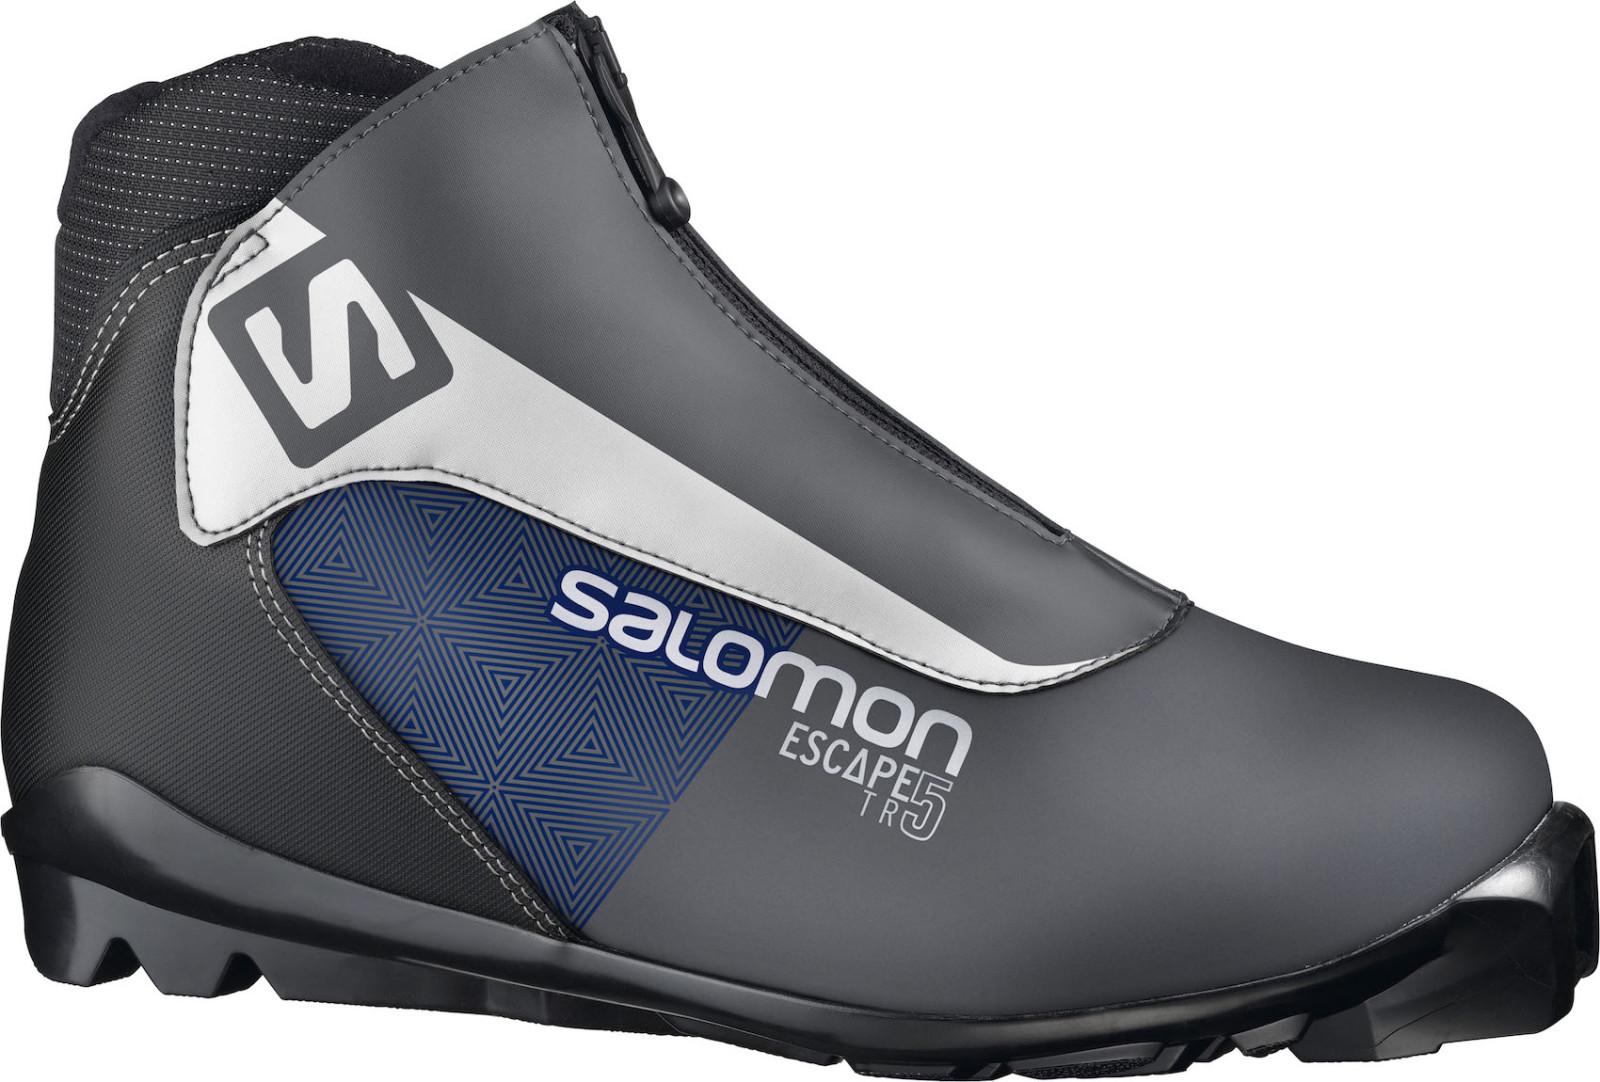 Salomon Escape 5 TR